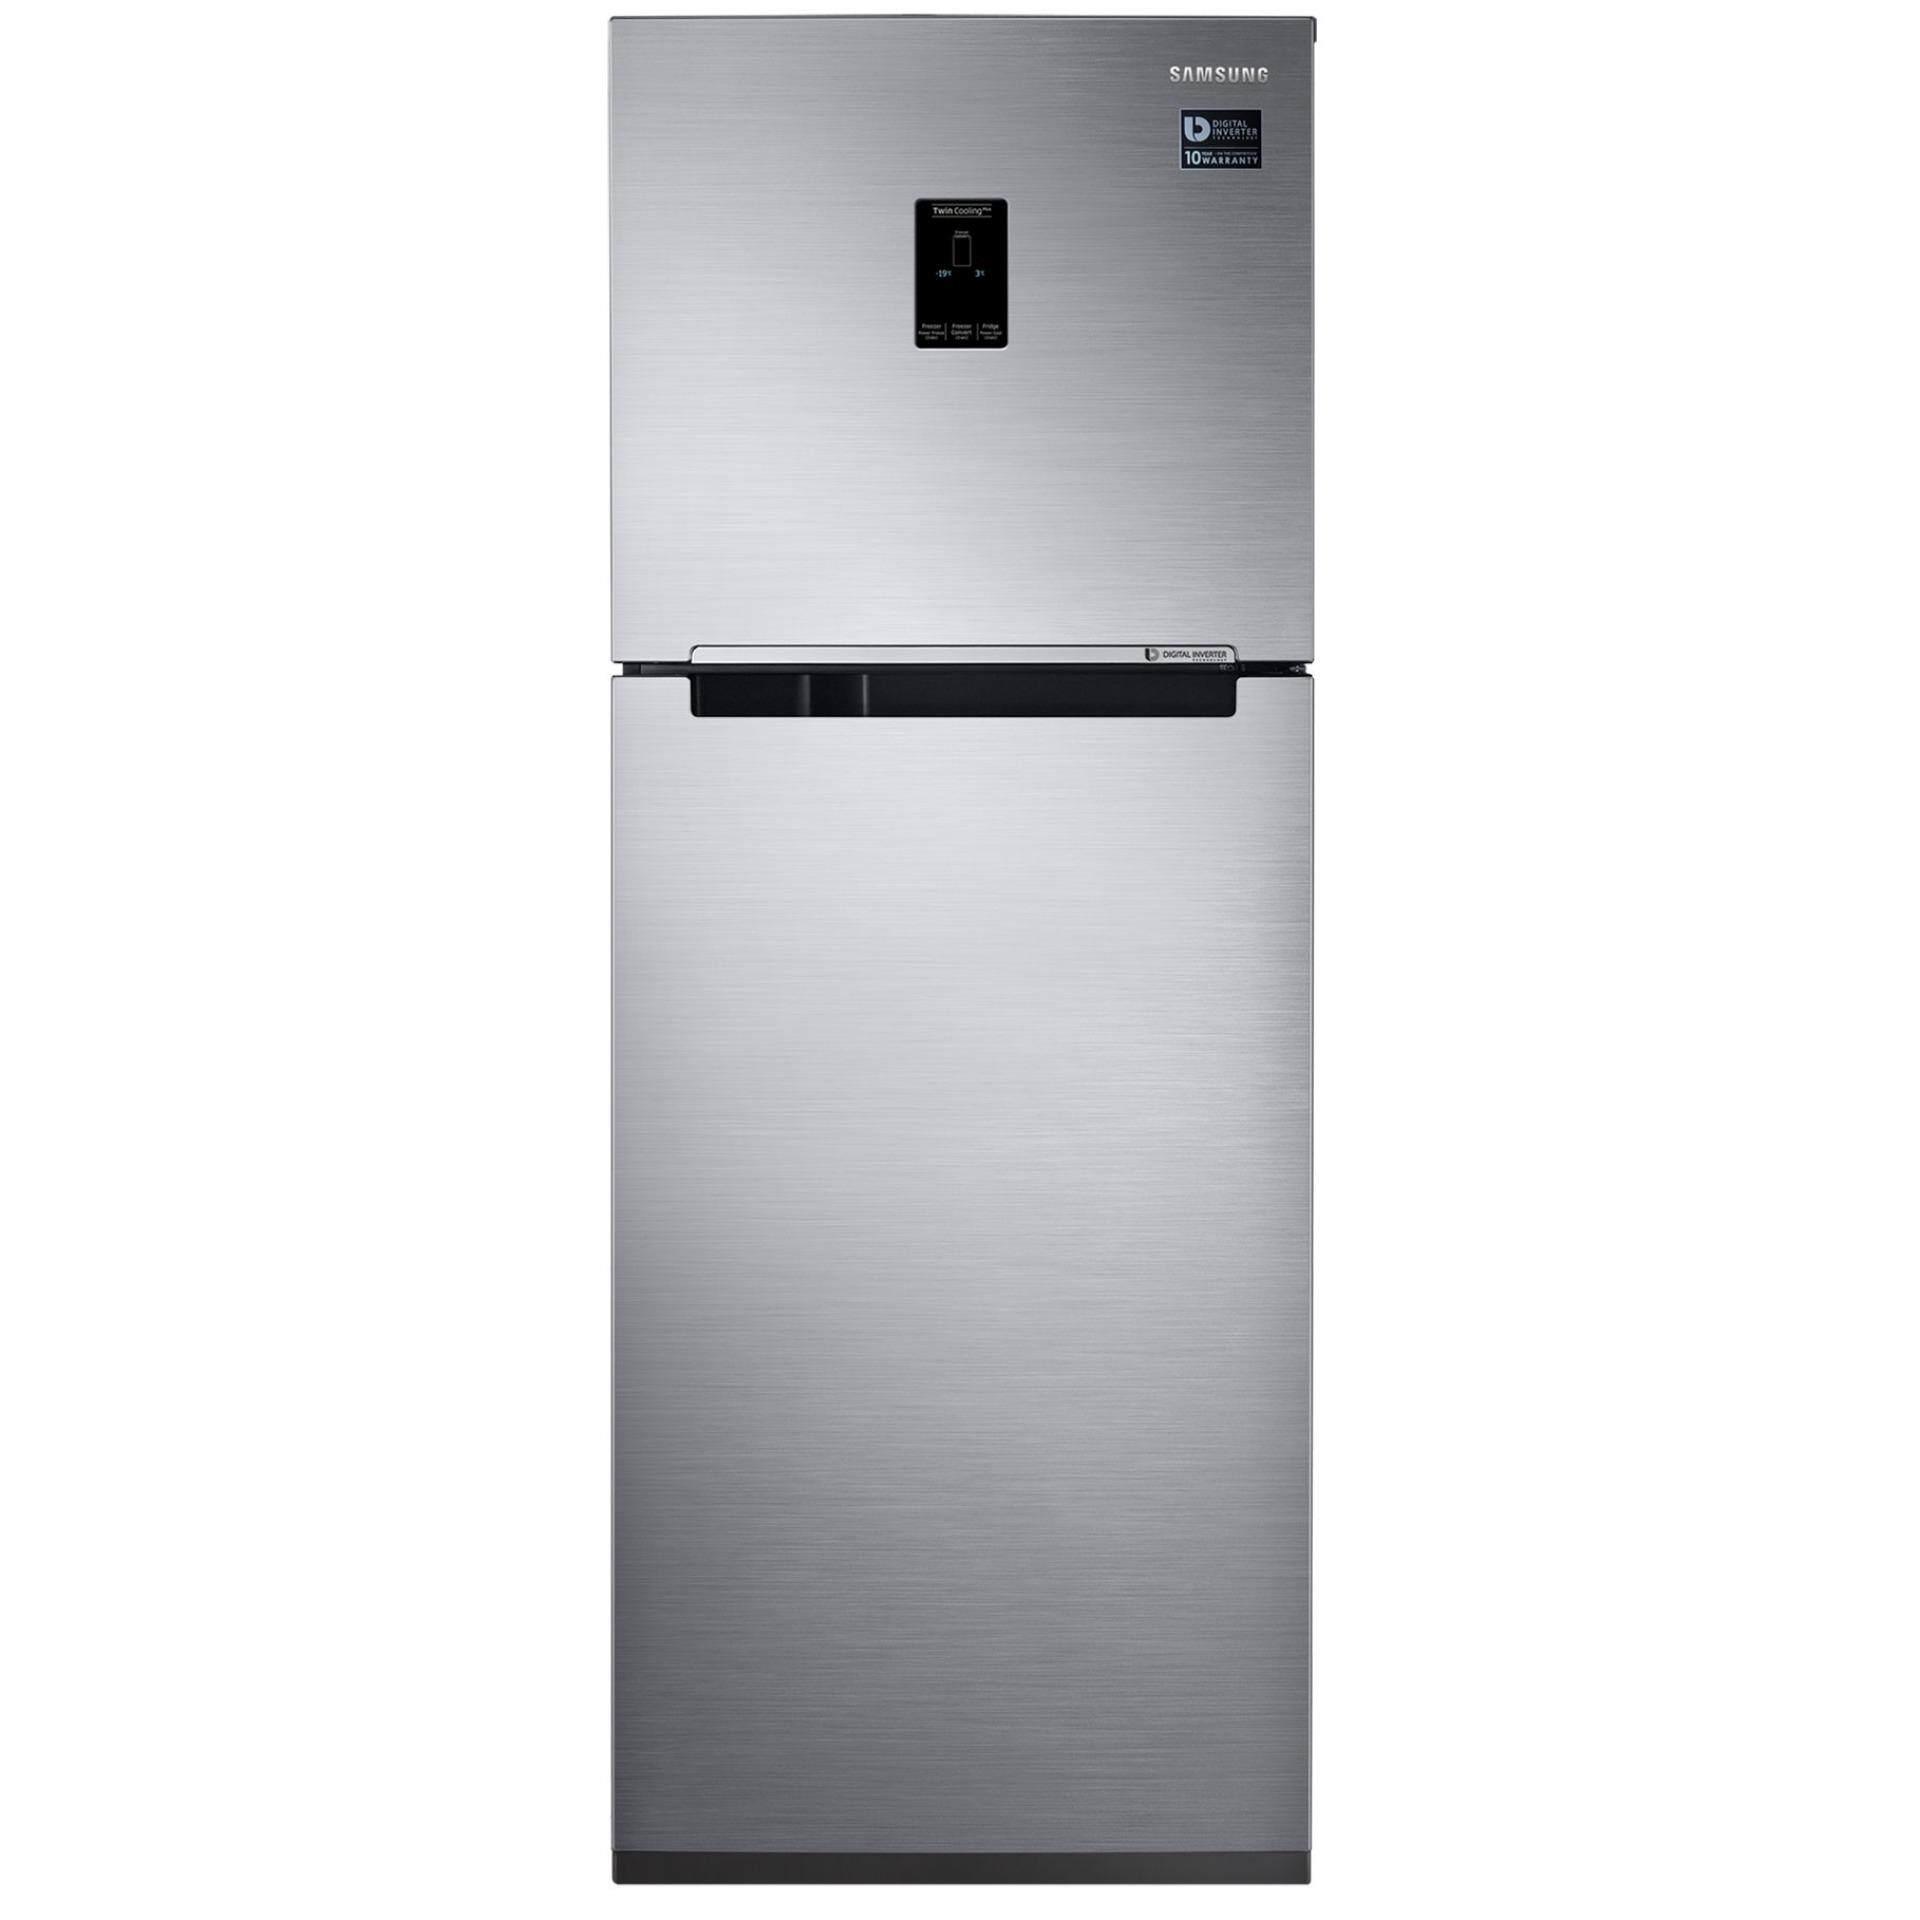 ผลการค้นหารูปภาพสำหรับ Samsung ตู้เย็น 2 ประตู RT29K5511S8/ST พร้อมด้วย Twin Cooling Plus™, ความจุ 10.7Qu